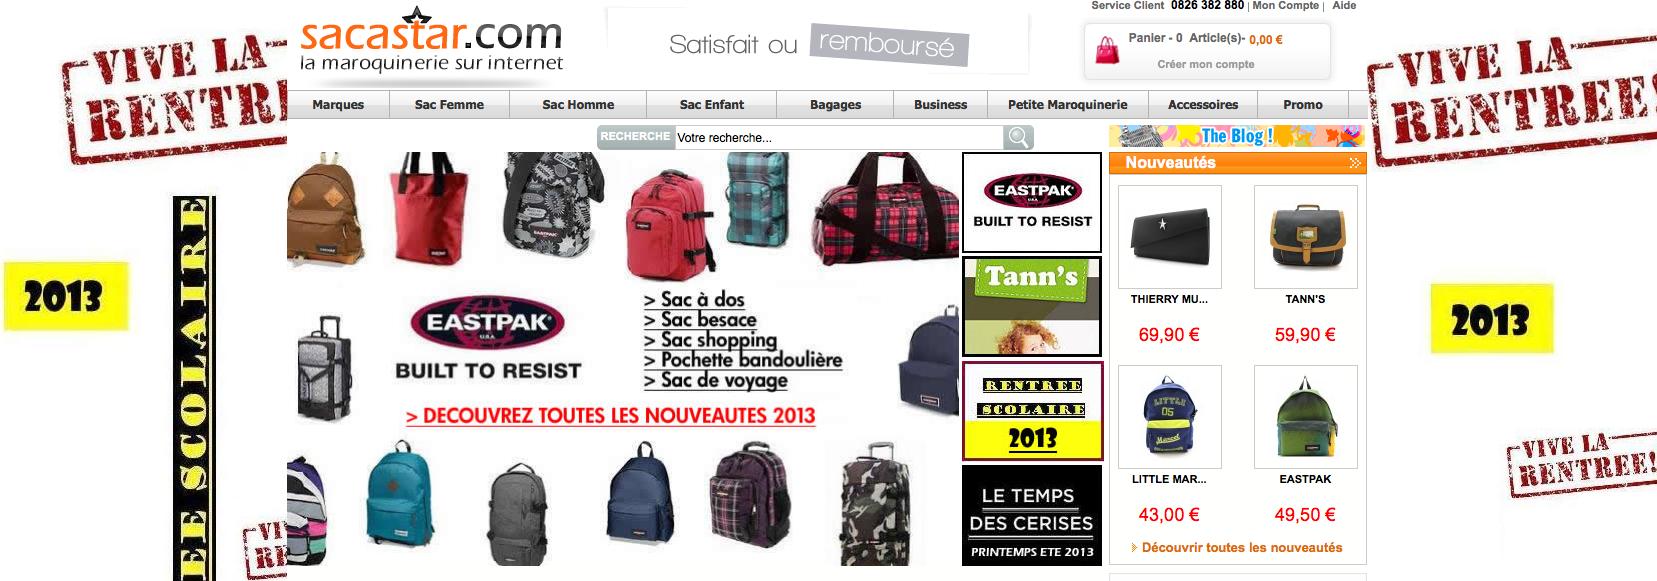 Concours : Gagnez un sac Eastpak avec   Le blog